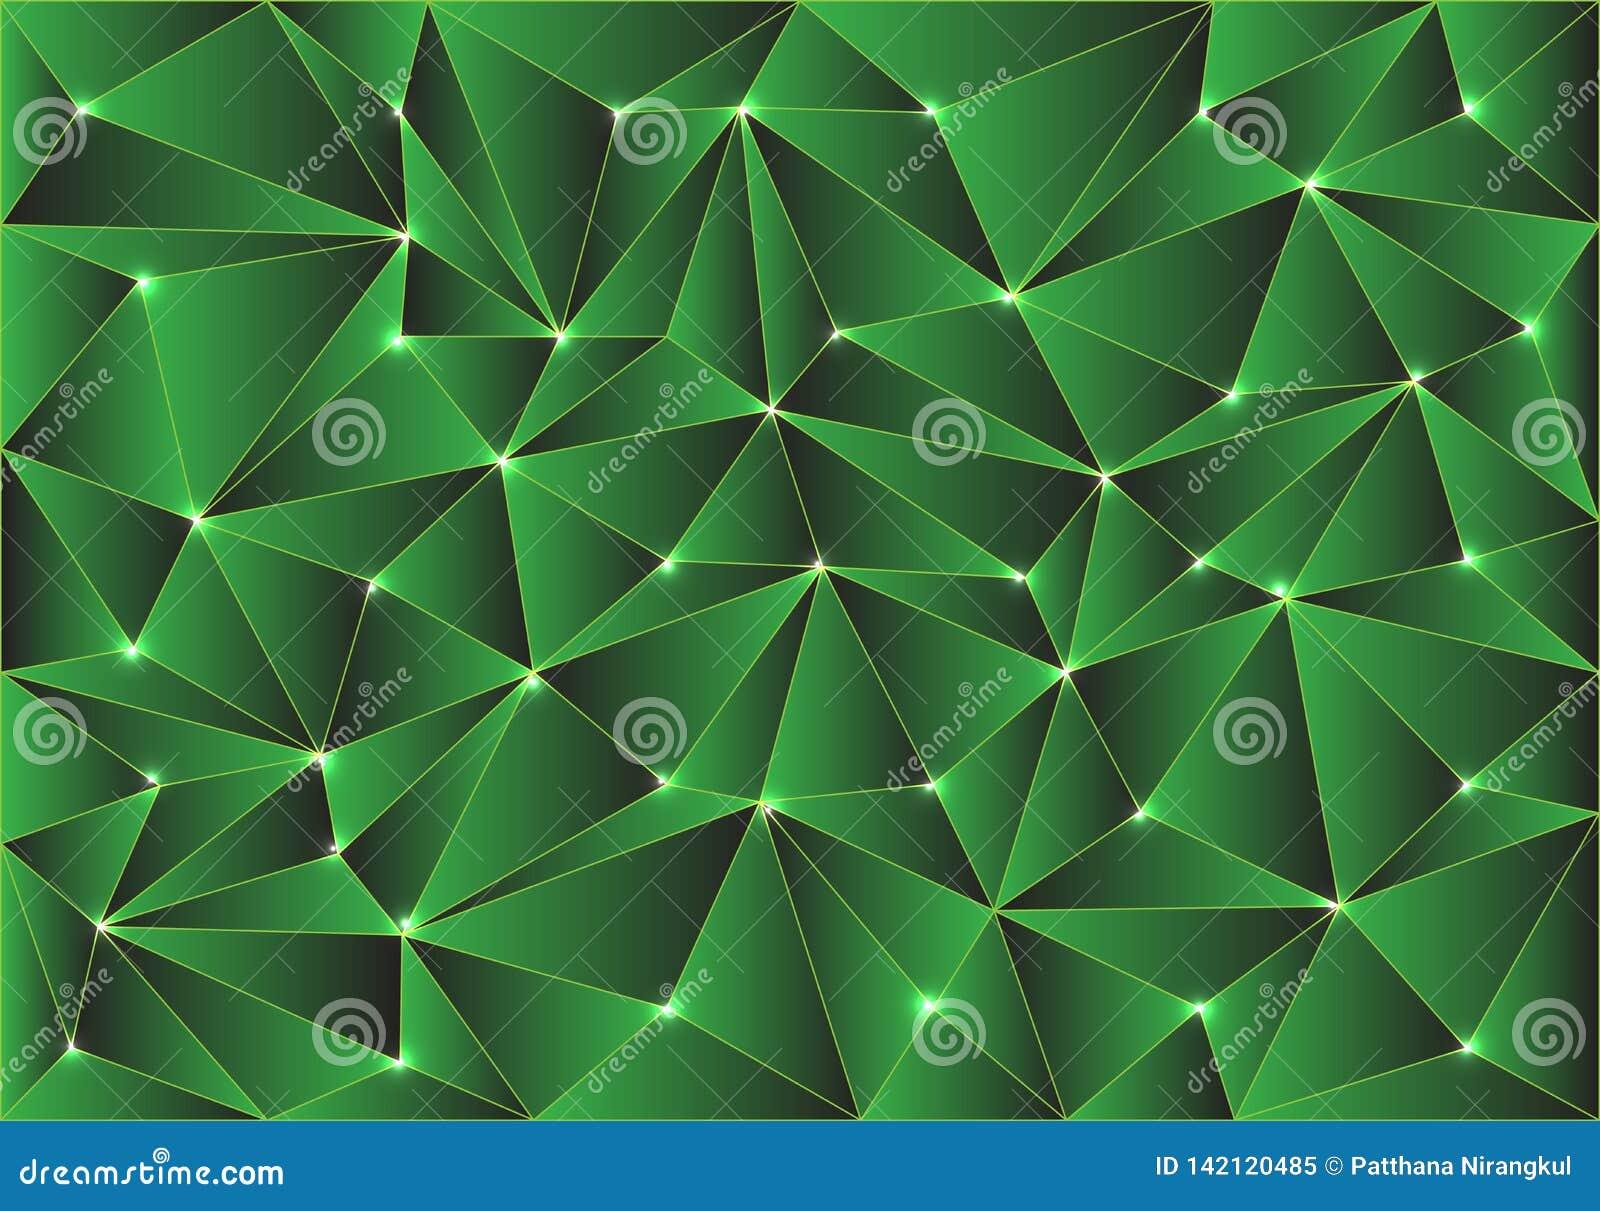 Do projeto lustroso do teste padrão do polígono do verde do sumário vetor moderno da textura do fundo